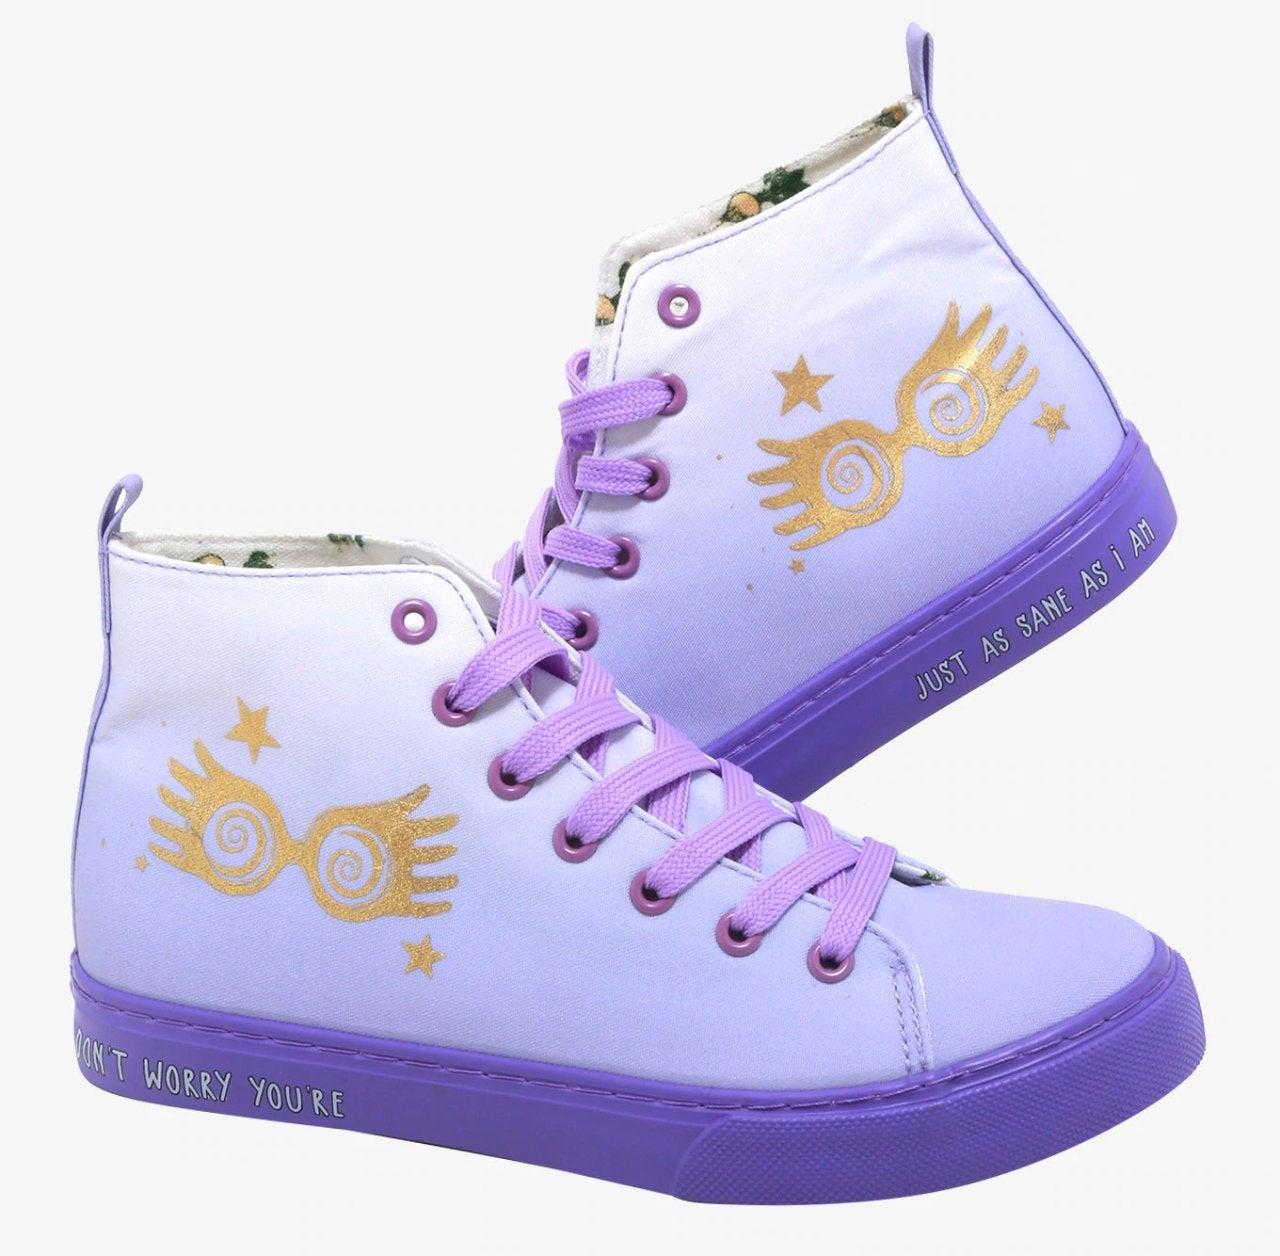 Le scarpe a tema... Luna!